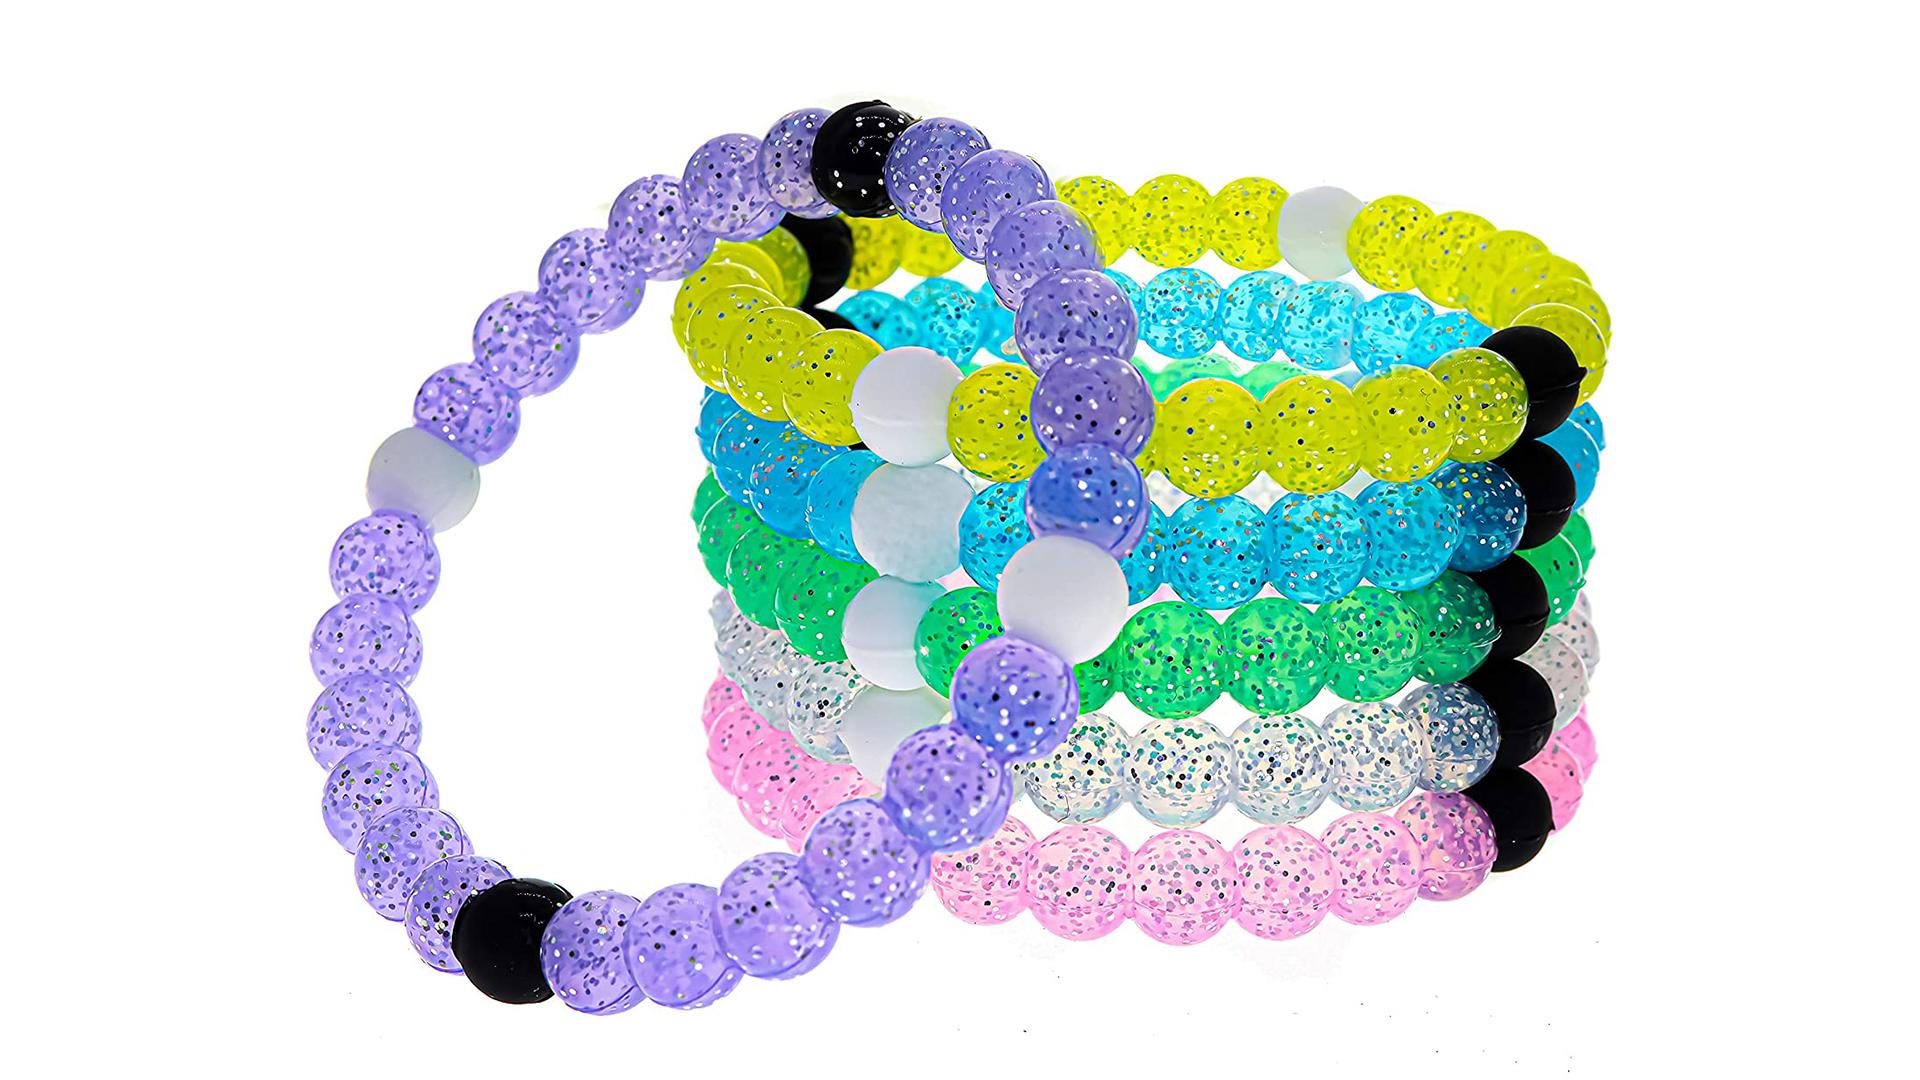 シリコーンのリストバンドUVの太陽の反応性のシリコーンビーズのブレスレットの変化色の色の変化色